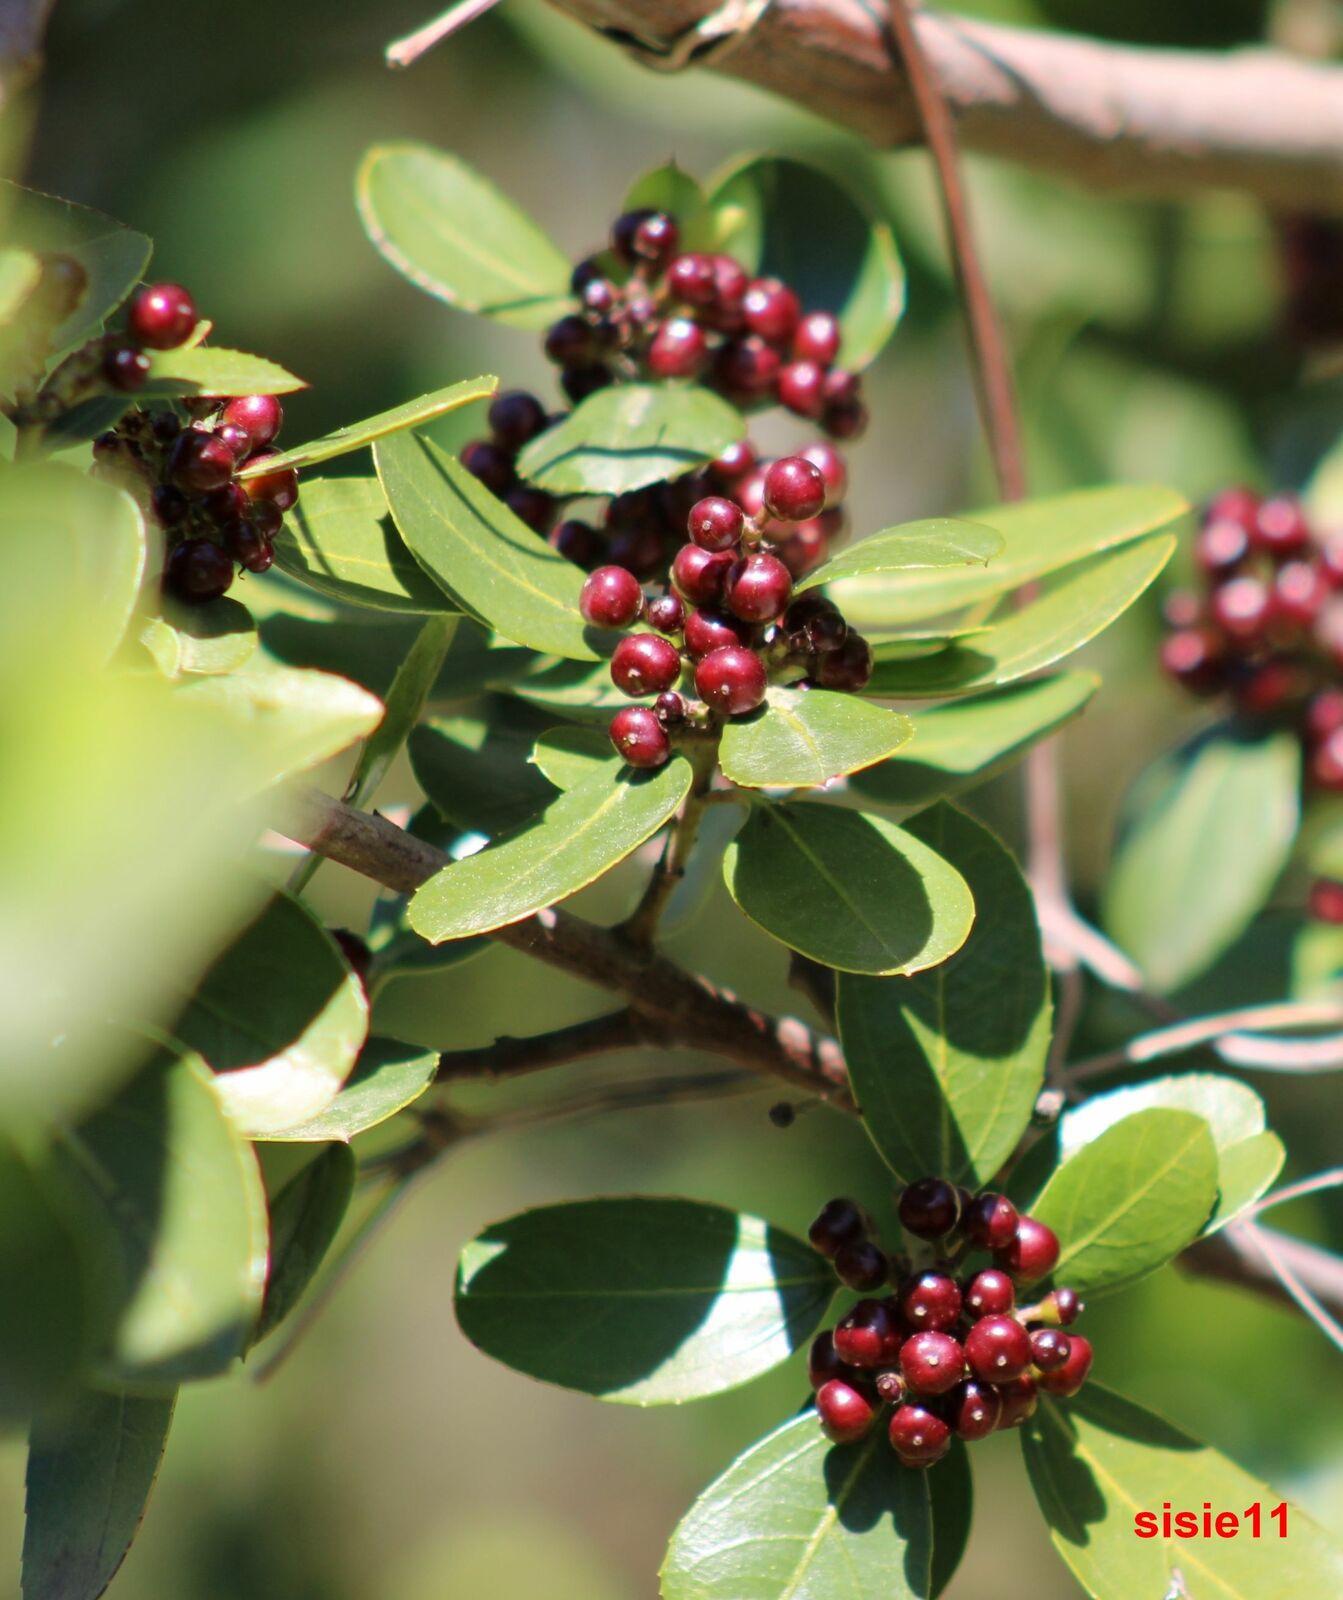 OU bourgue épine, les fruits qui suivent la floraison à l'automne sont très décoratifs en plus de nourrir les oiseaux : les petites drupes d'un demi-centimètre environ, de couleur rouge virant au noir au fil de la saison, perdurent tout l'hiver.